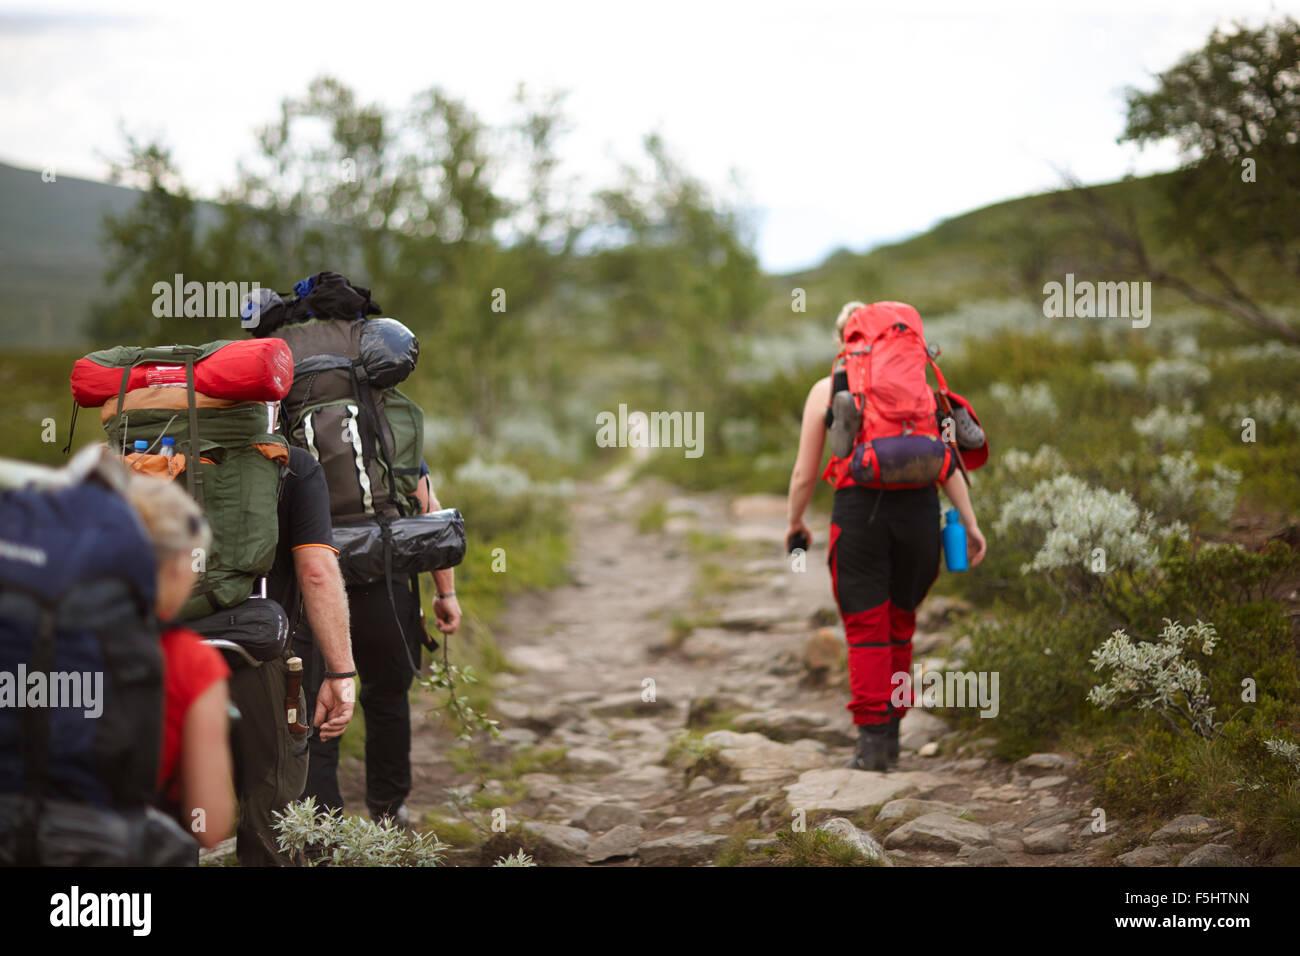 La Svezia Jamtland, persone escursioni con zaini Immagini Stock